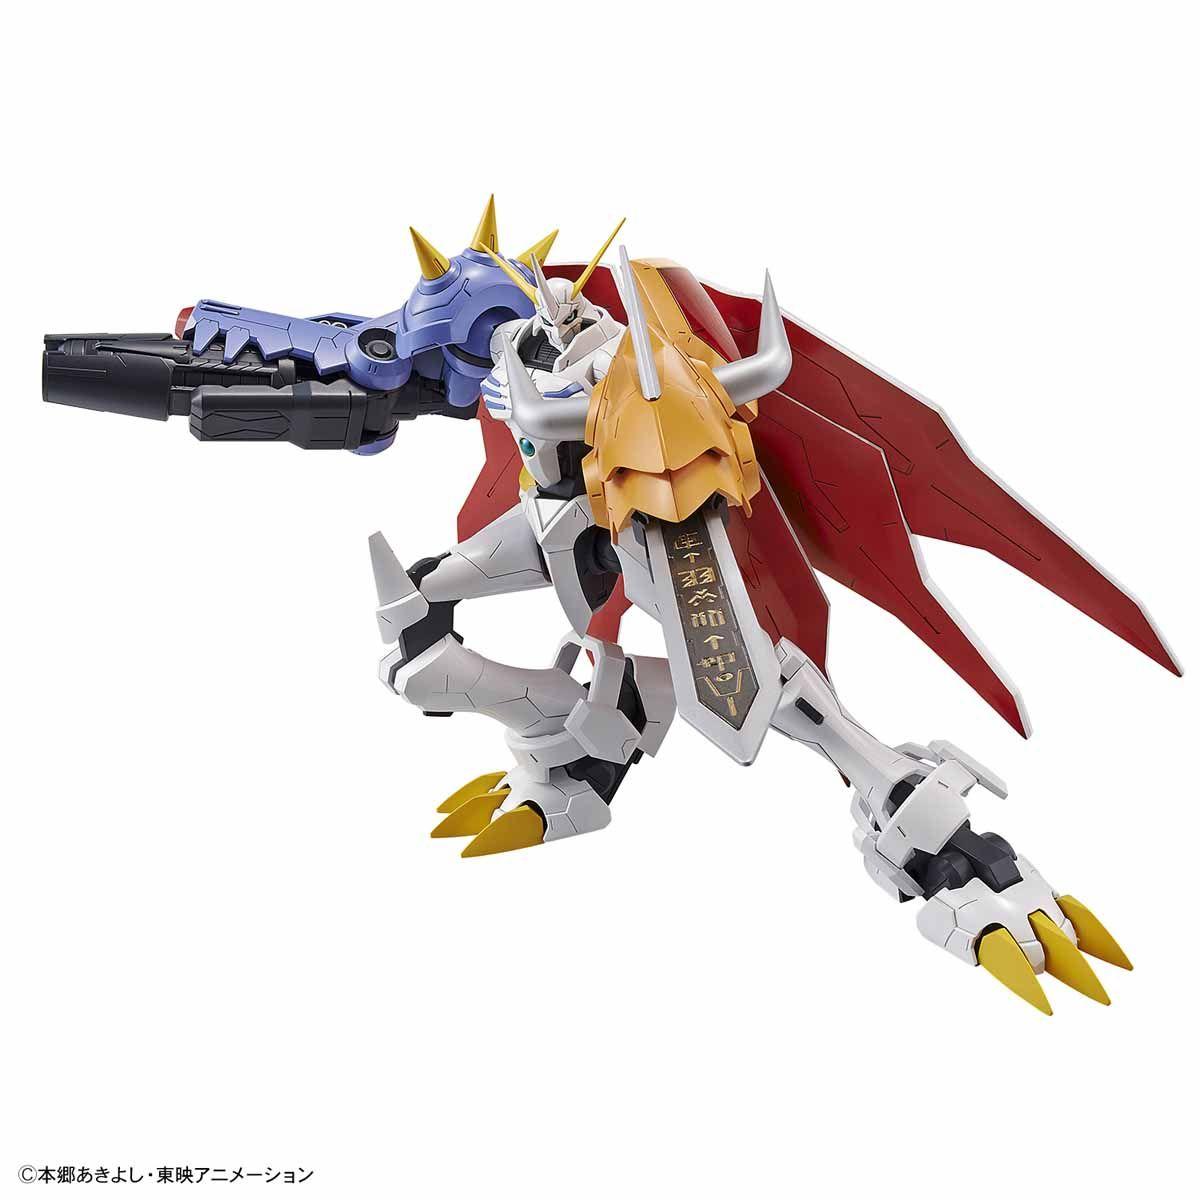 【再販】Figure-rise Standard『オメガモン(AMPLIFIED)』デジモンアドベンチャー プラモデル-002